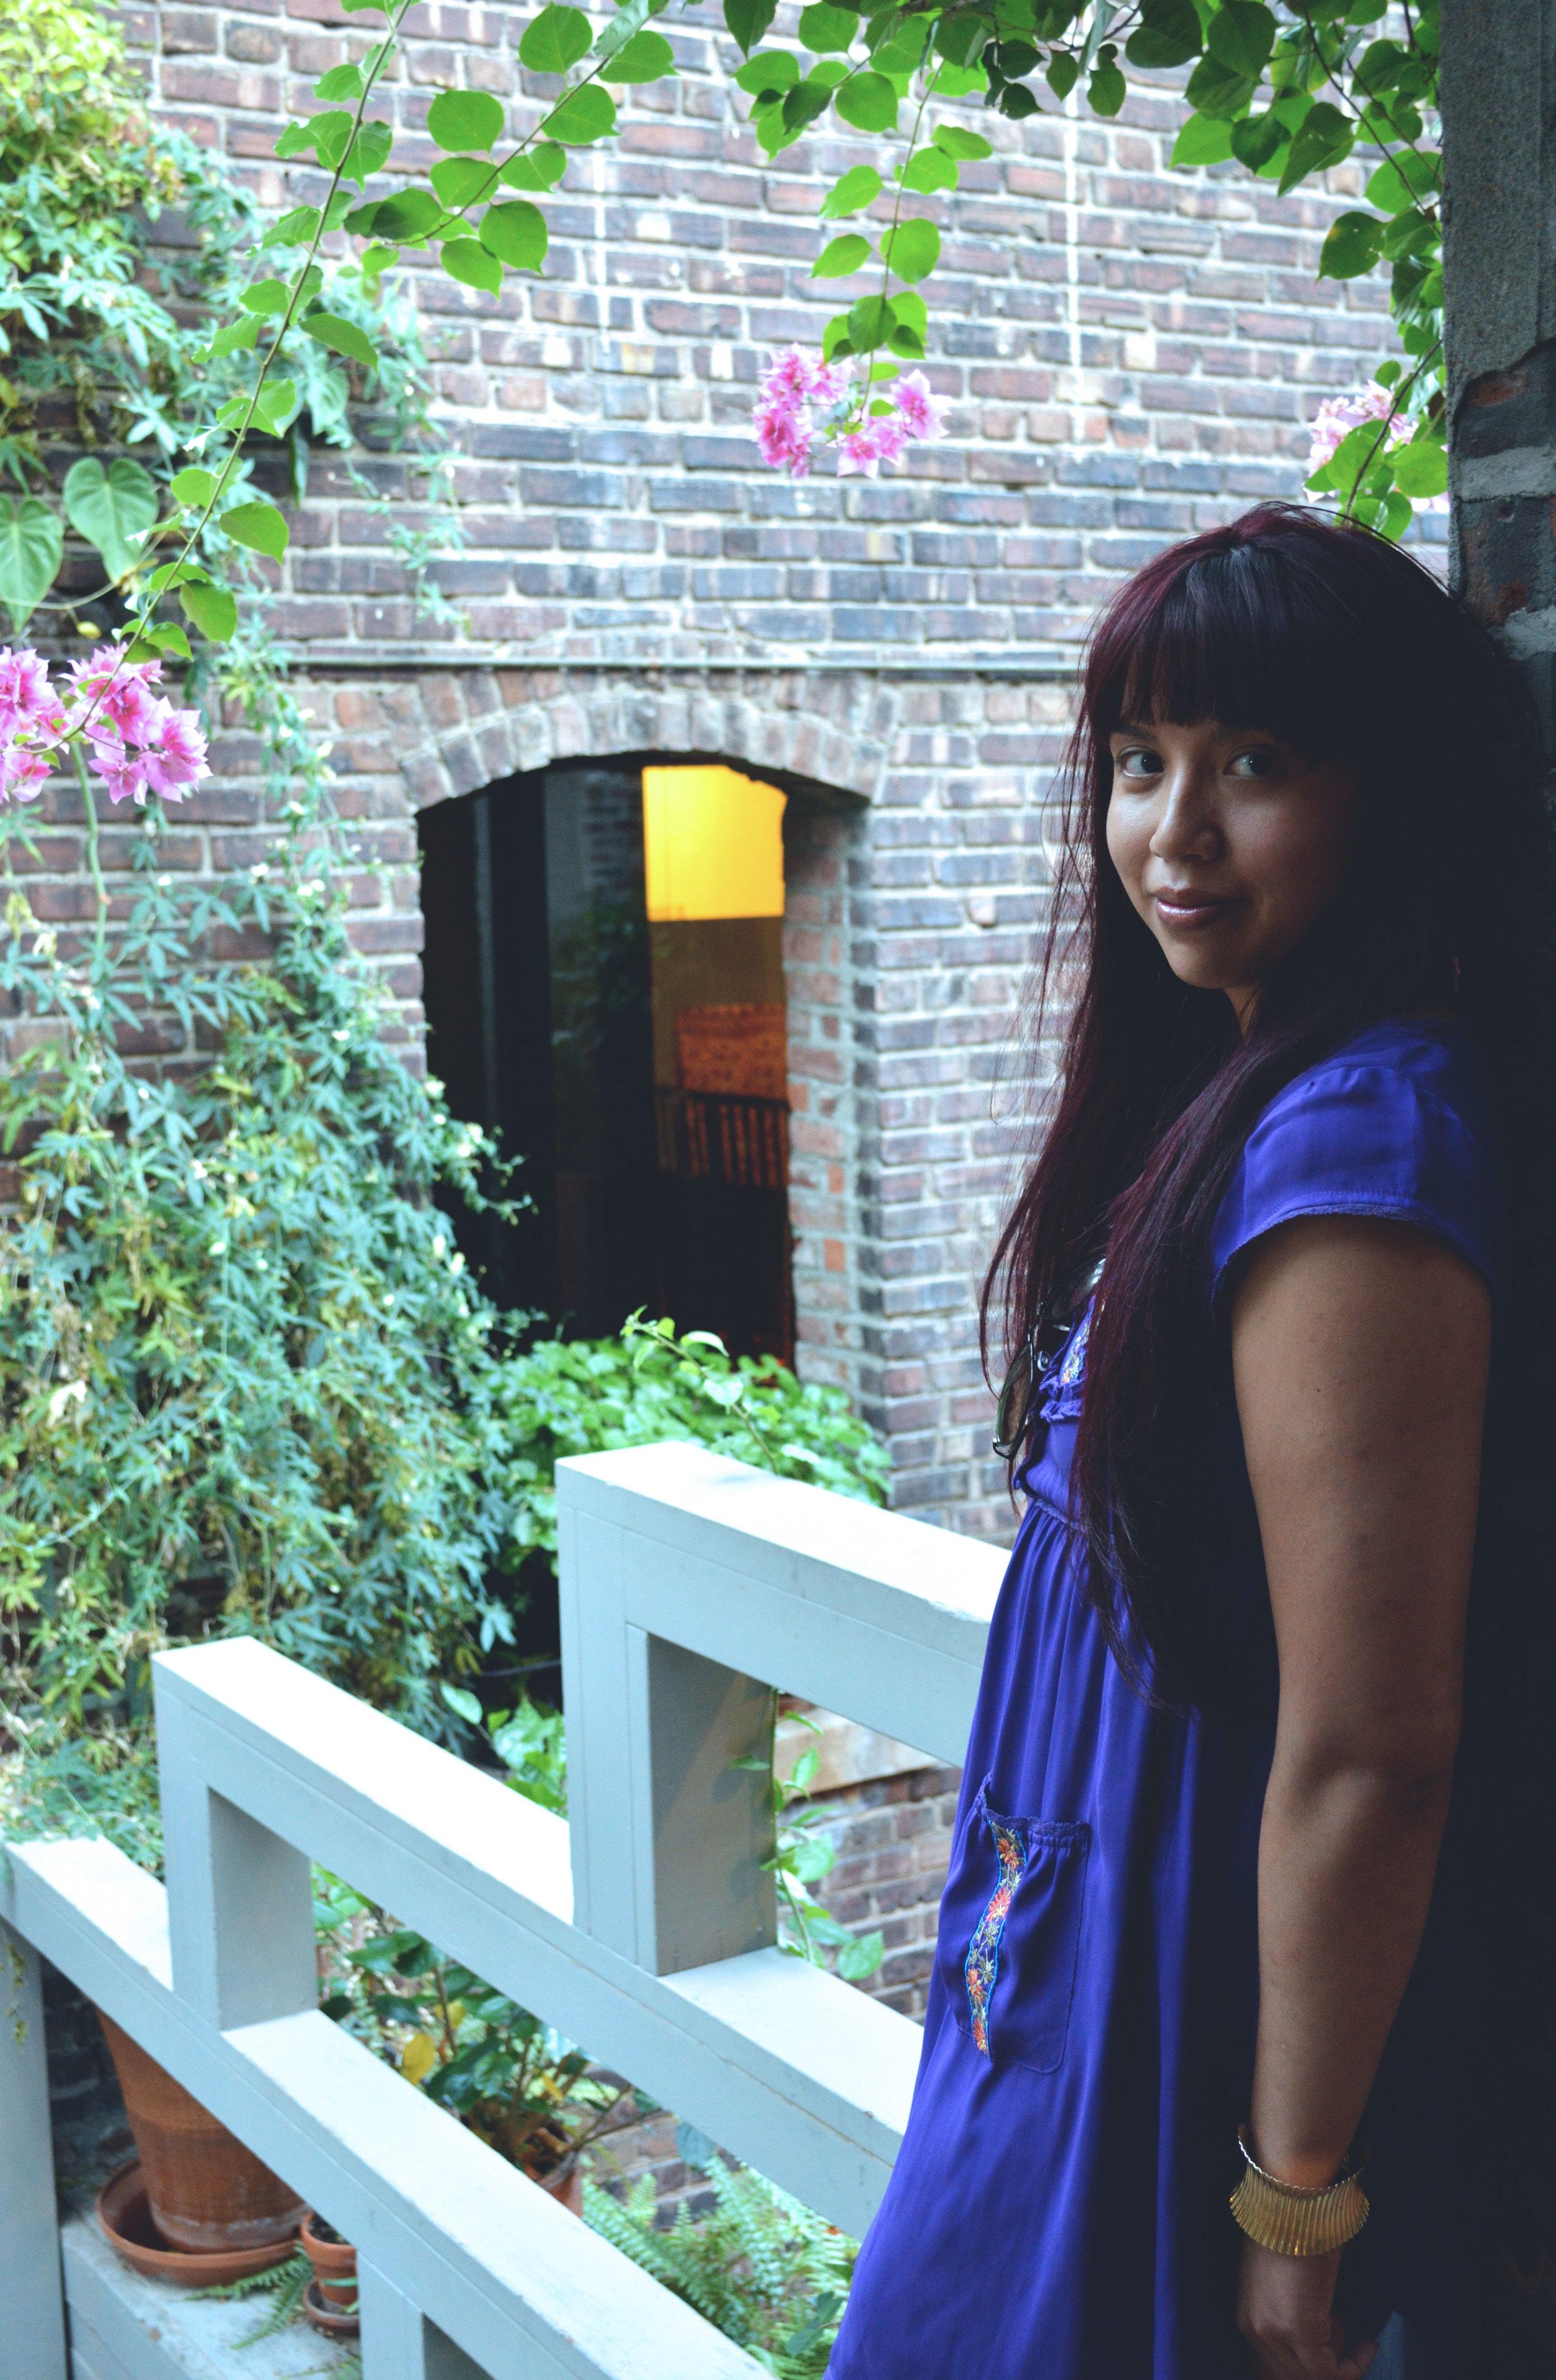 purpledress1.jpg